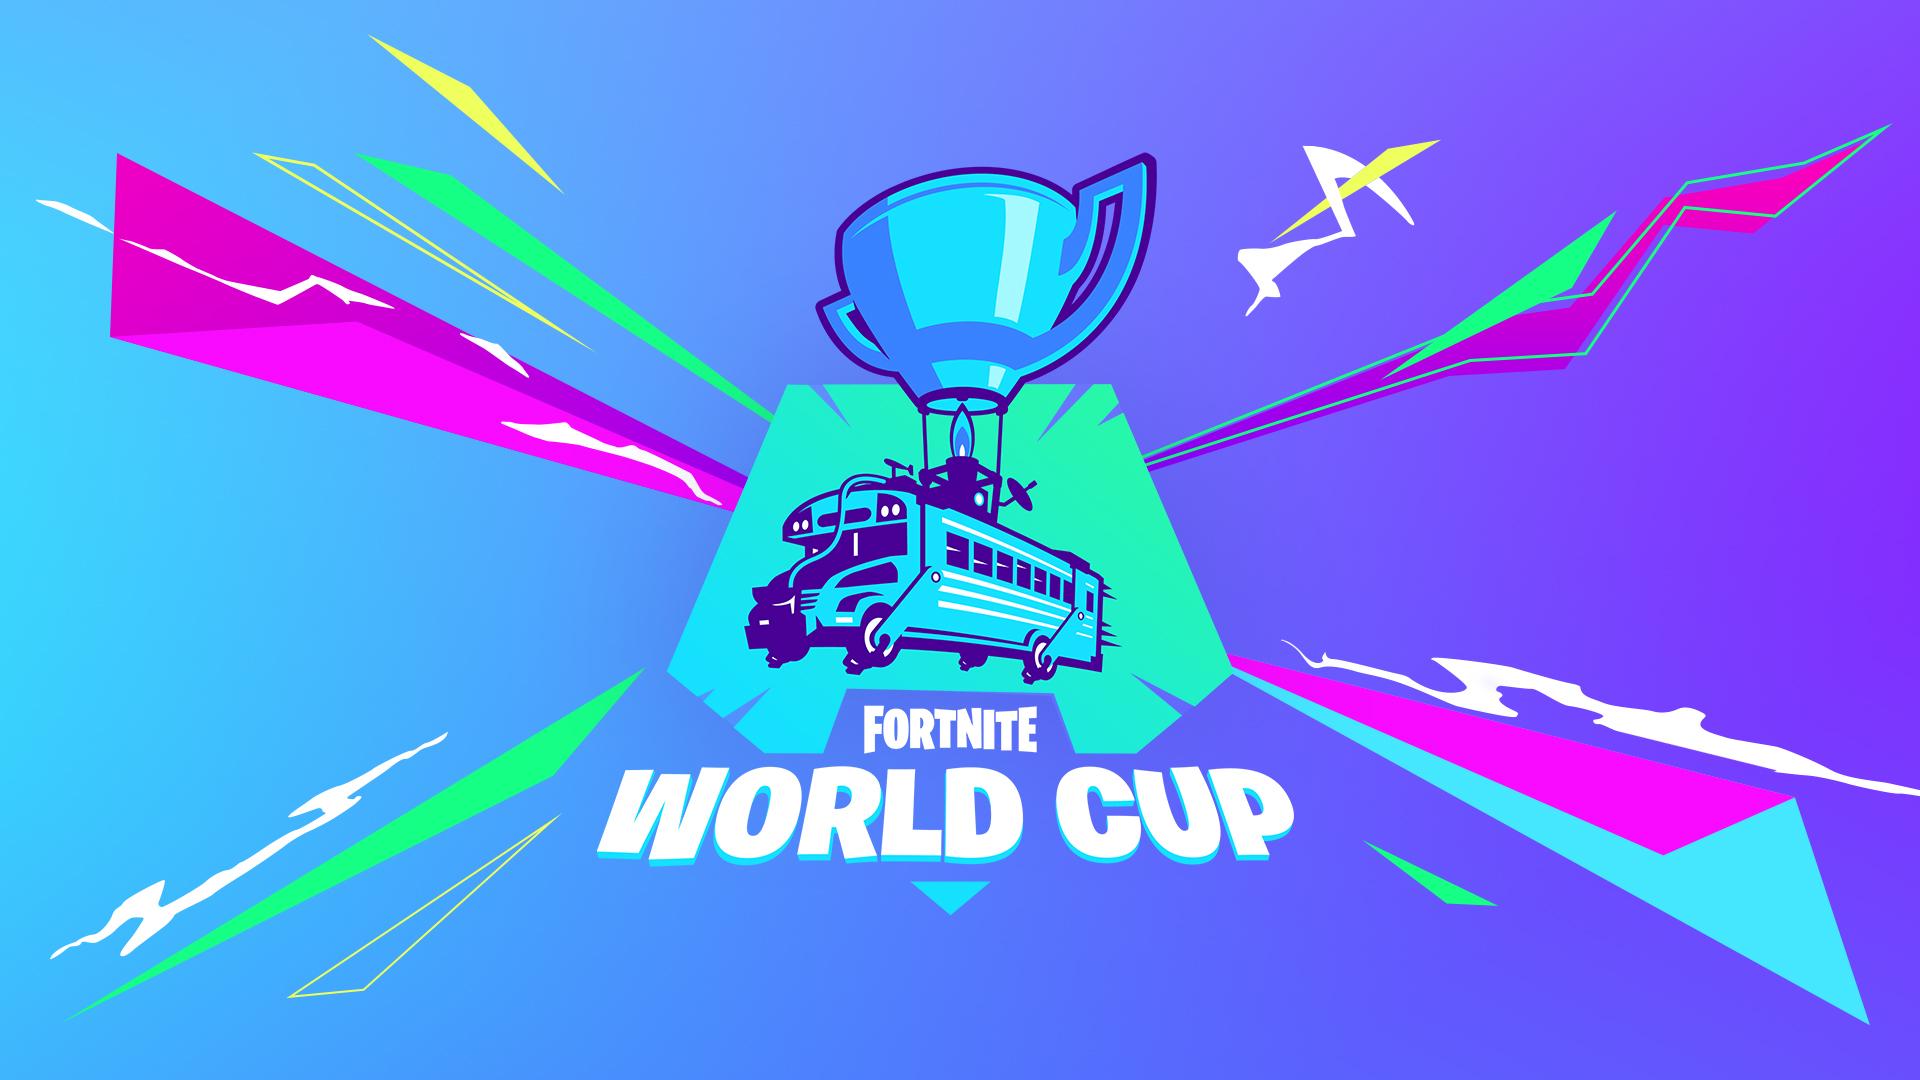 Fortnite World Cup Empieza El 13 De Abril